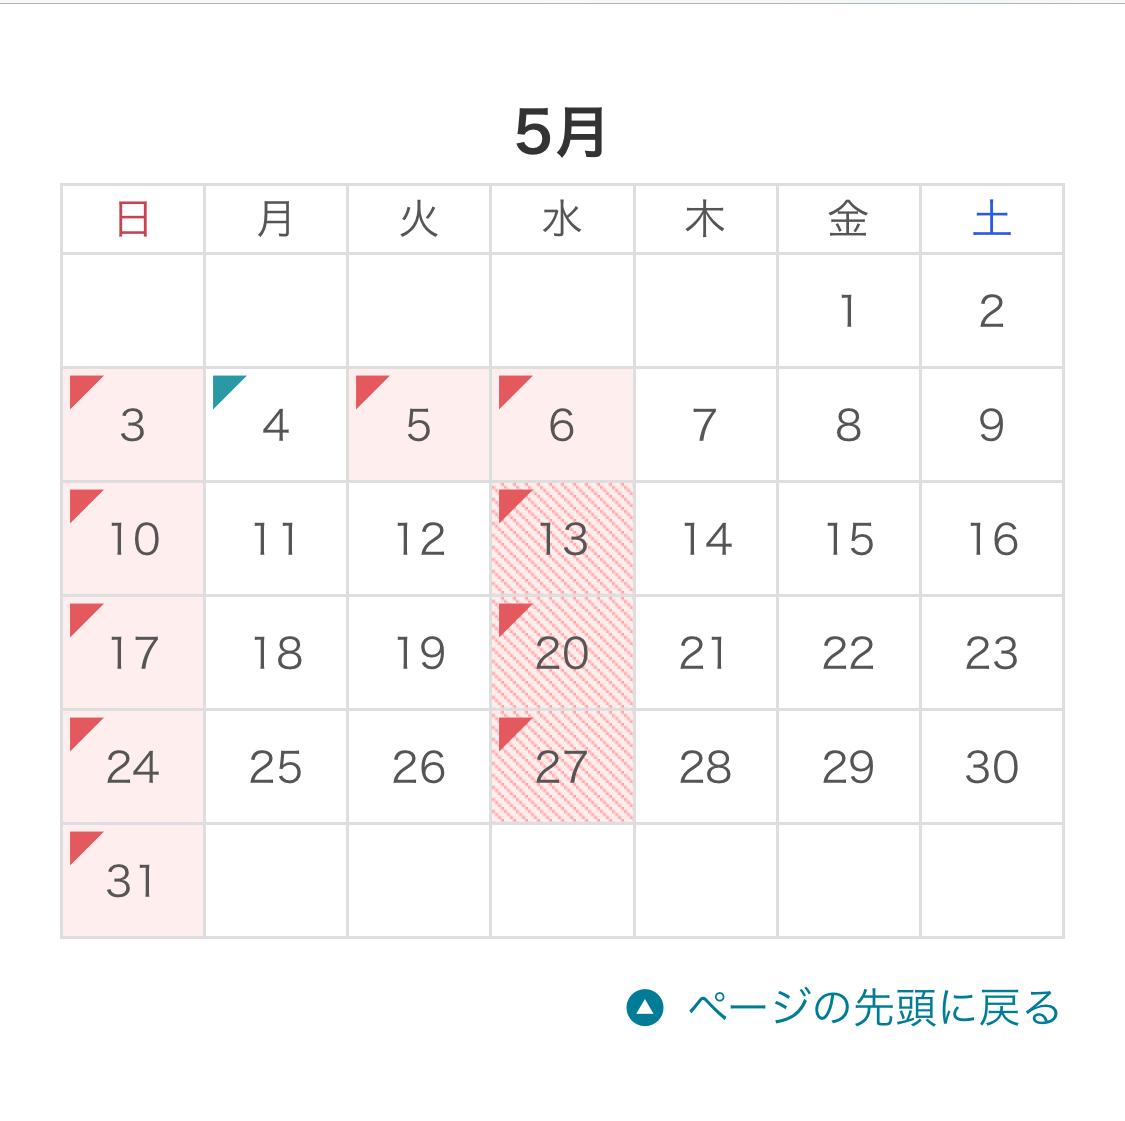 豊洲 市場 カレンダー 2020